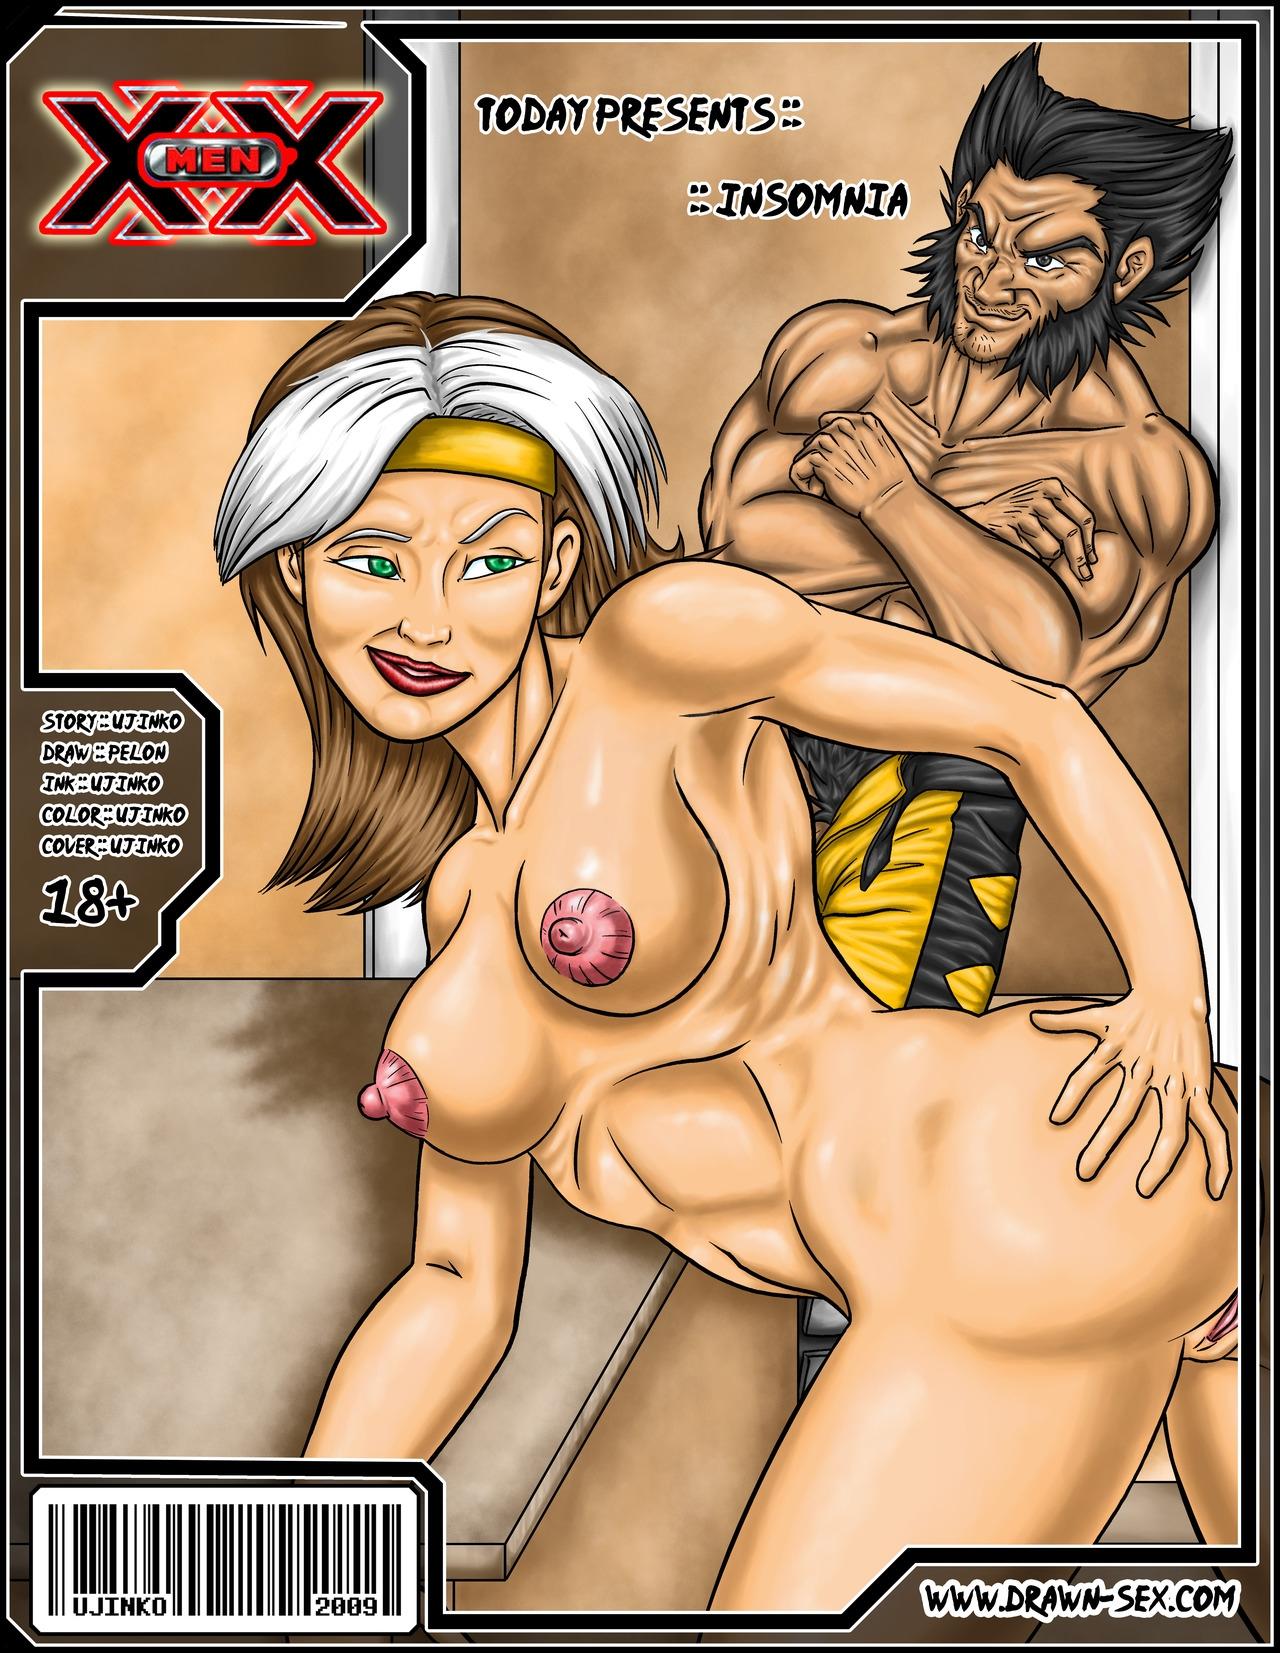 X-Men All Fuck – Insomnia (Drawn-Sex) porn comics 8 muses